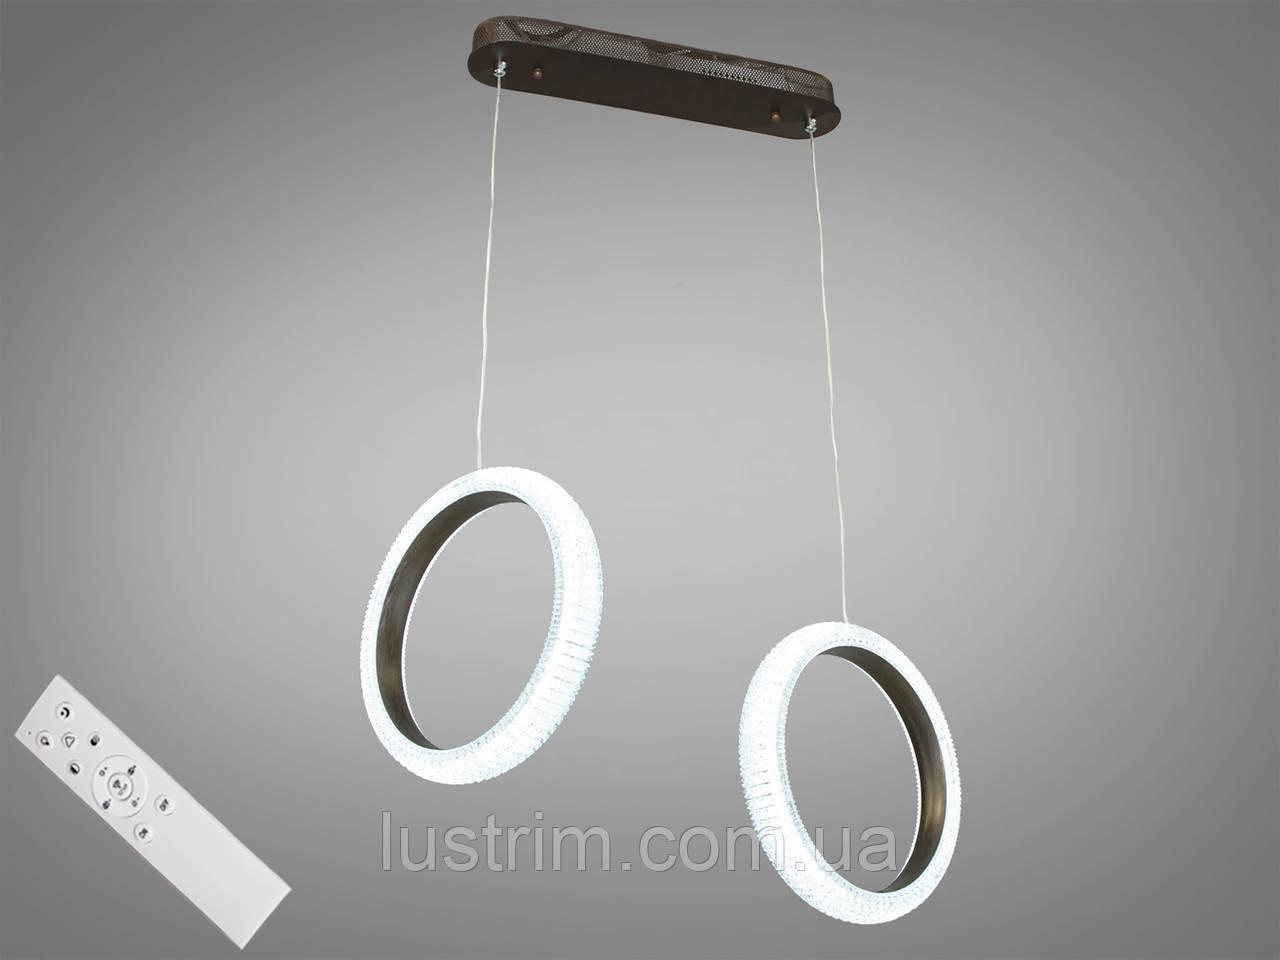 Современная светодиодная люстра с диммером, 40W